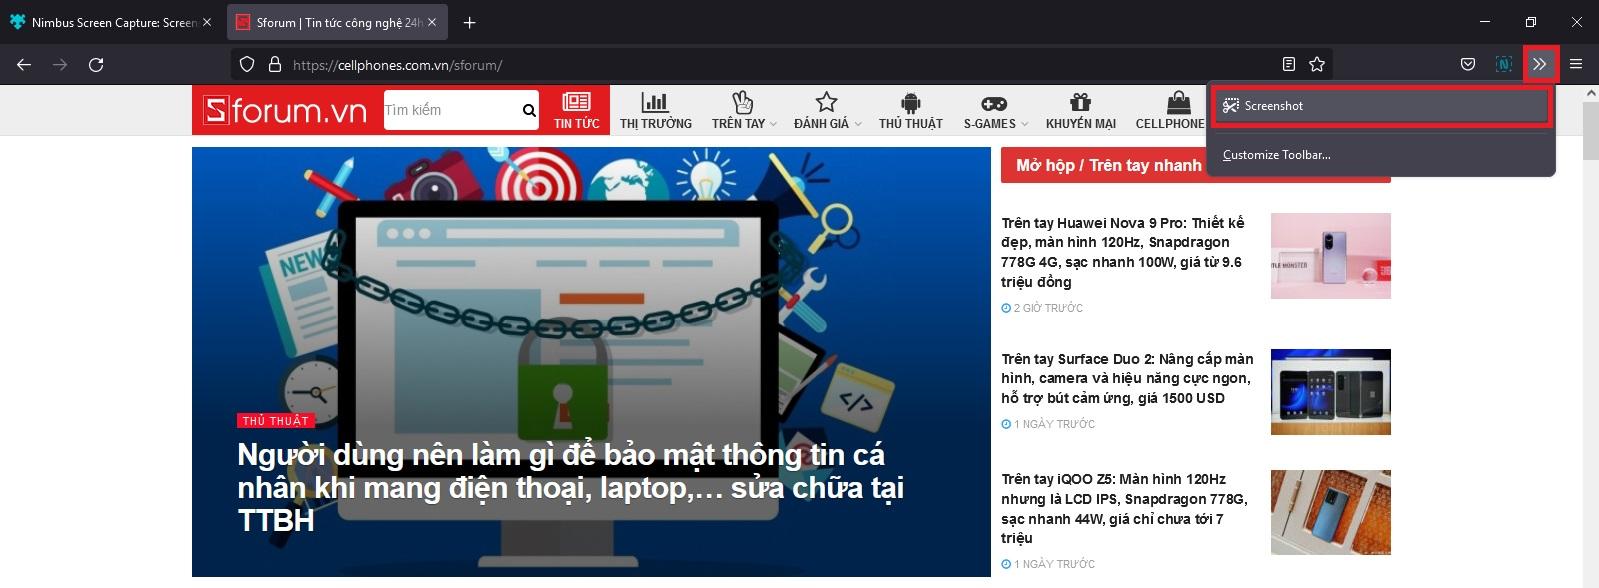 Sforum - Trang thông tin công nghệ mới nhất Screenshot-2021-09-25-184016 Hướng dẫn chụp màn hình toàn trang trên Chrome và Firefox